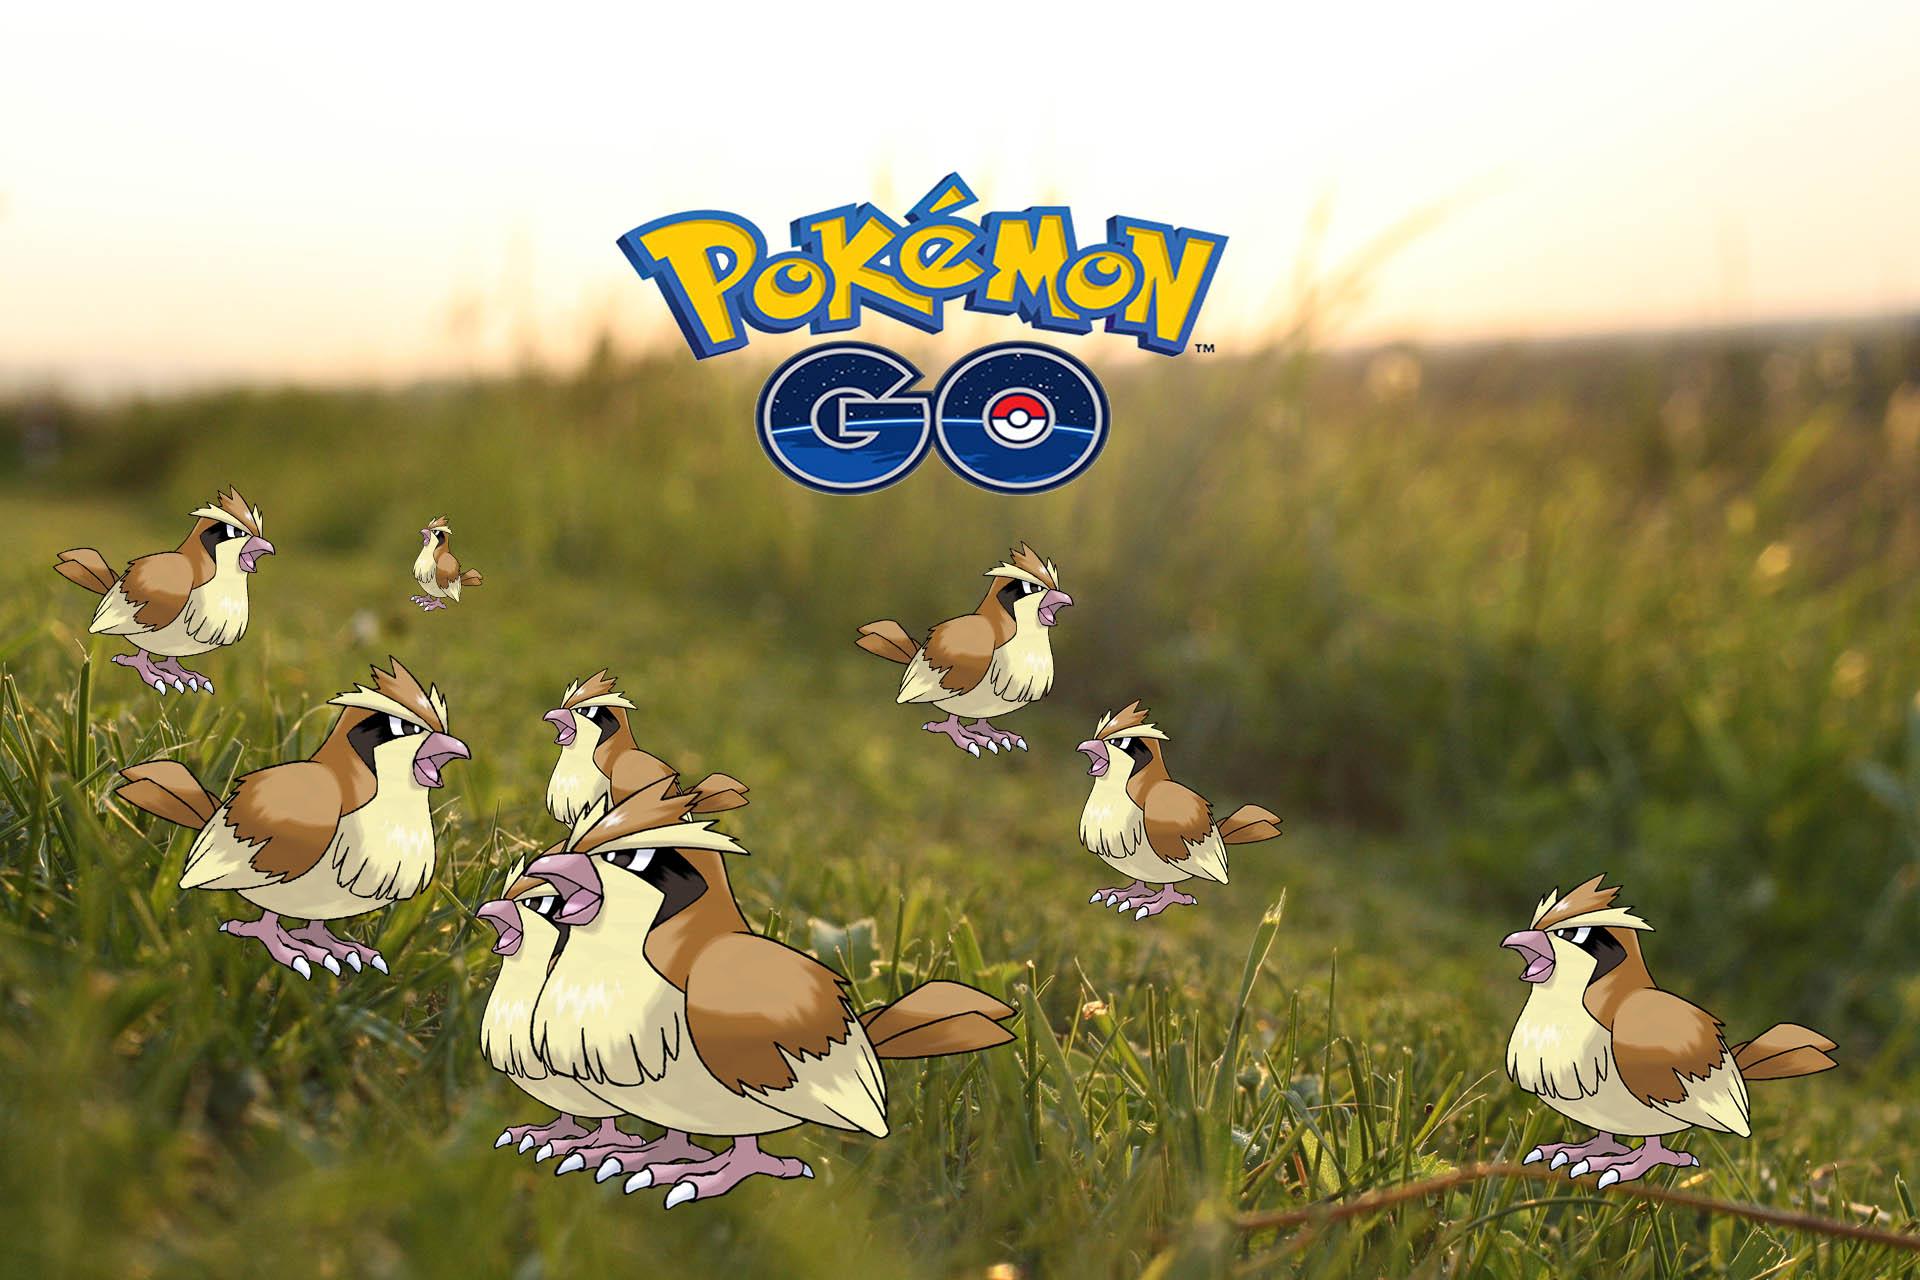 Pokémon GO: Mehr Pokémon auf dem Land? Spawns angeblich erhöht